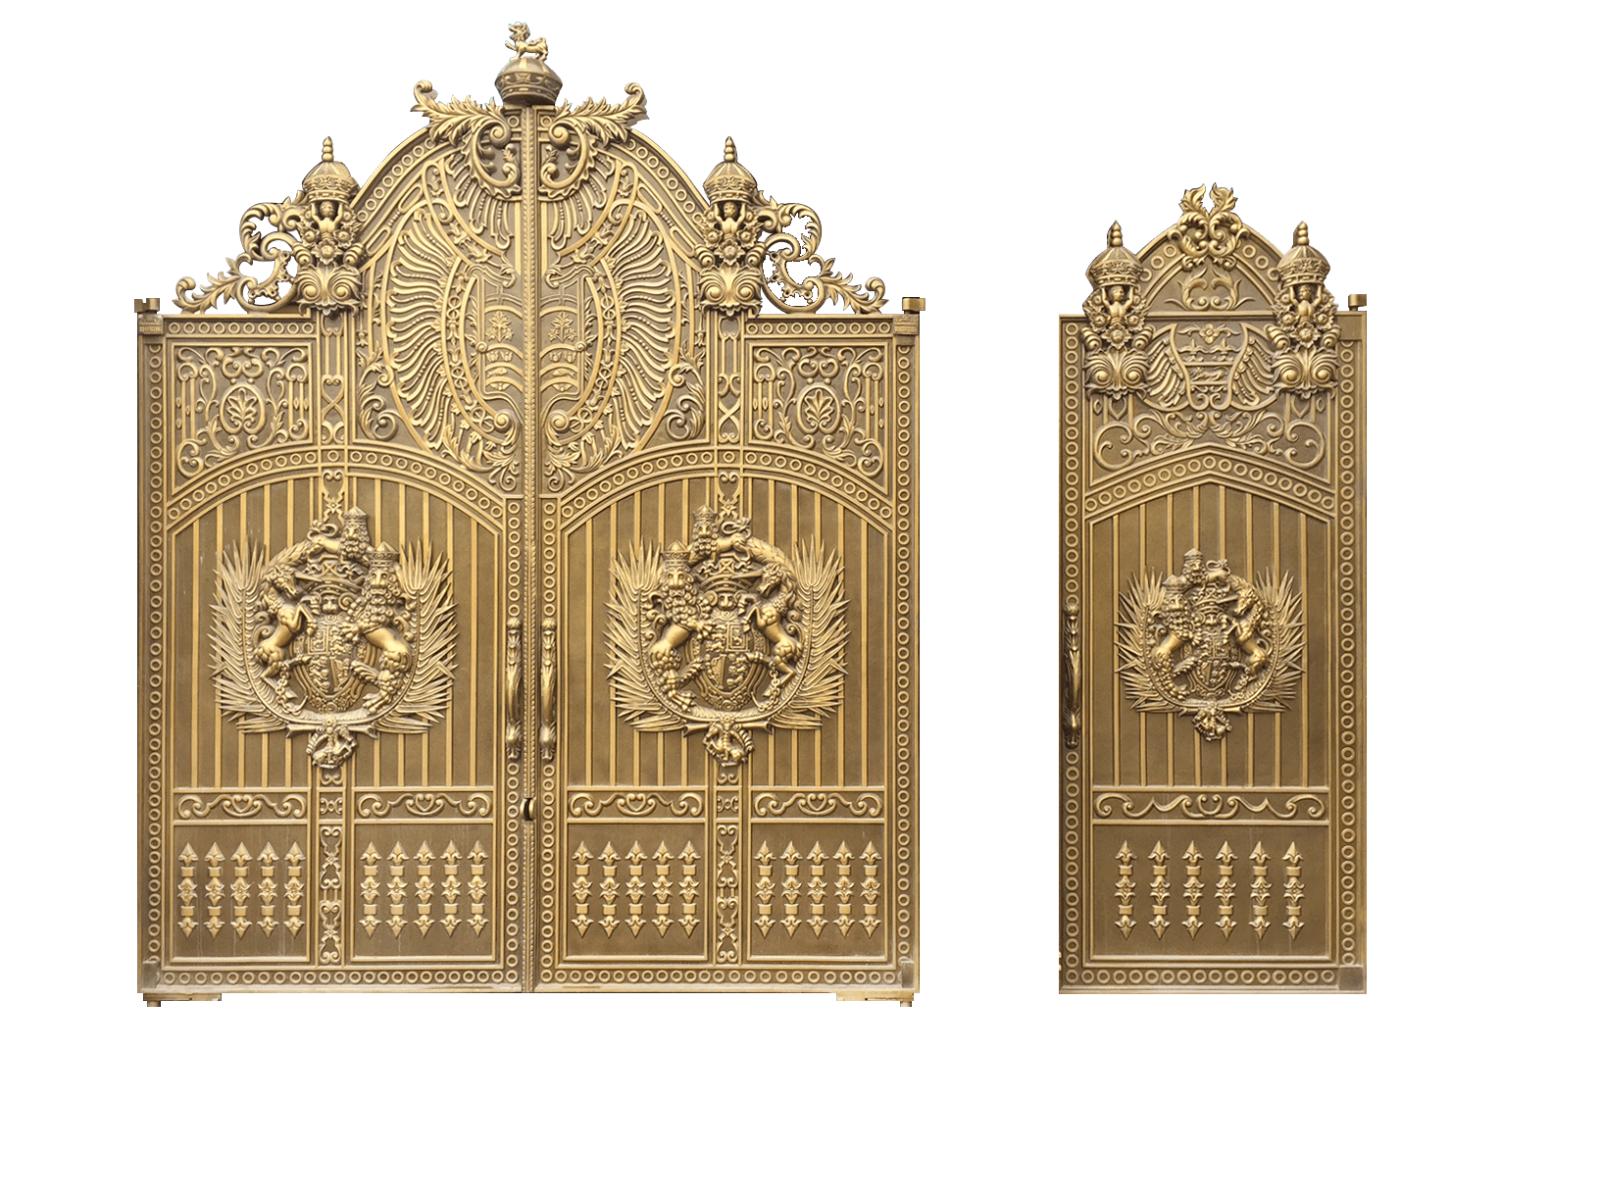 Cửa nhôm đúc, Là Loại cửa đúc bằng hợp kim nhôm, bền đẹp,mẫu mã sang trọng